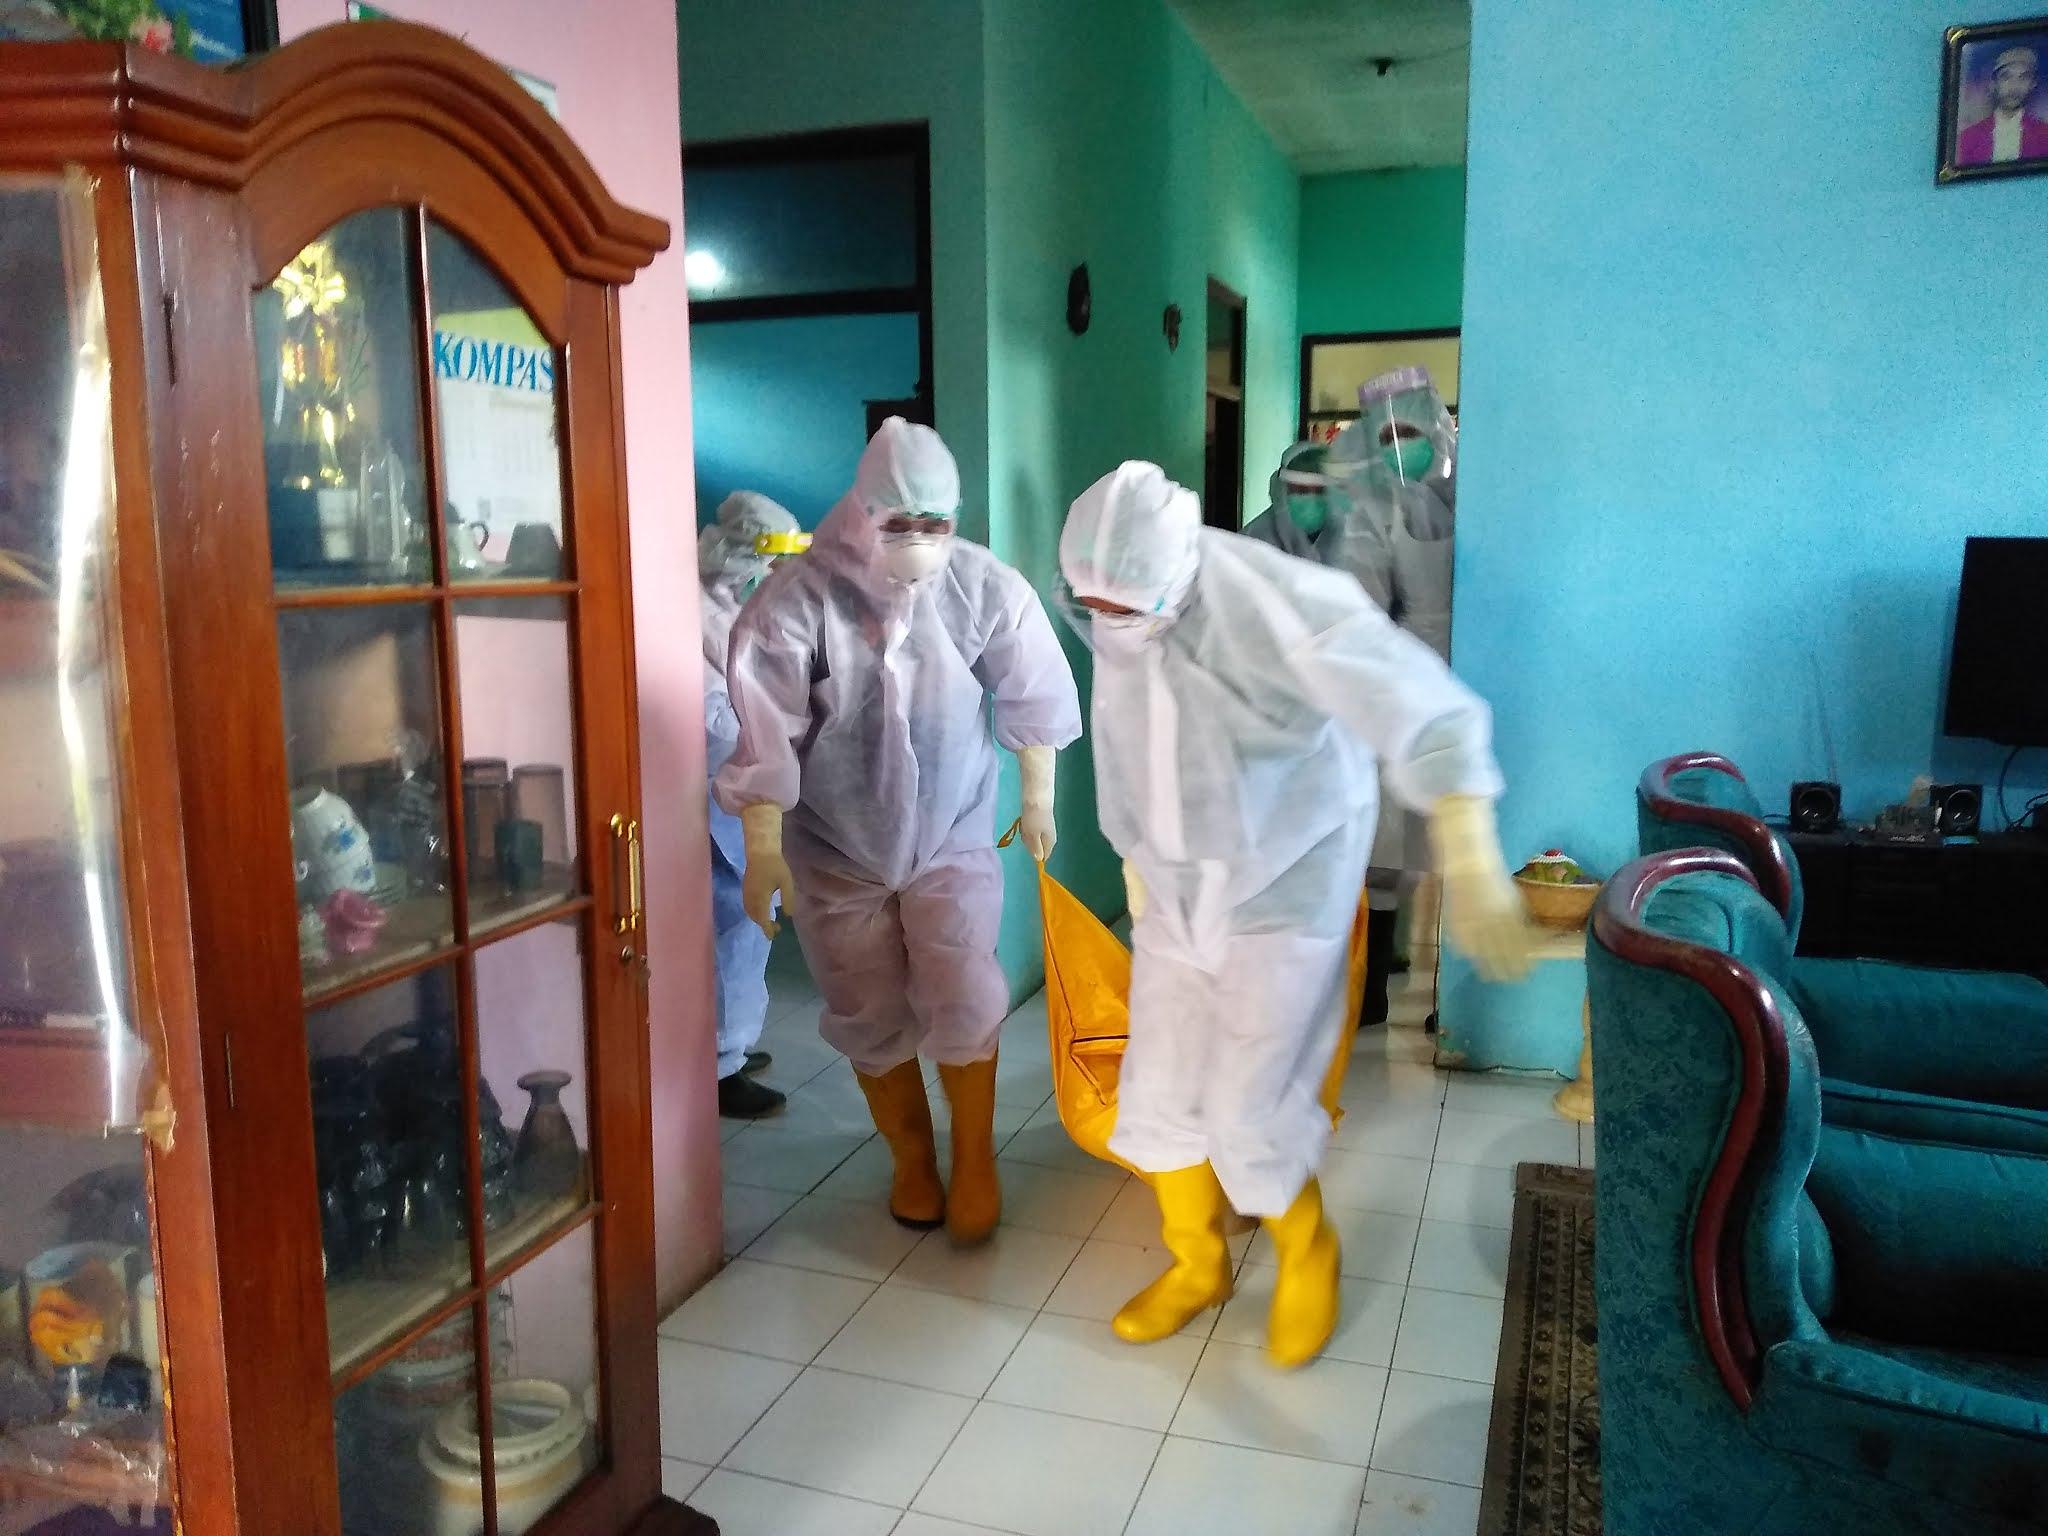 Beberapa Hari Tidak Keluar Rumah, Pria Paruh Baya Ditemukan Meninggal di Kamarnya